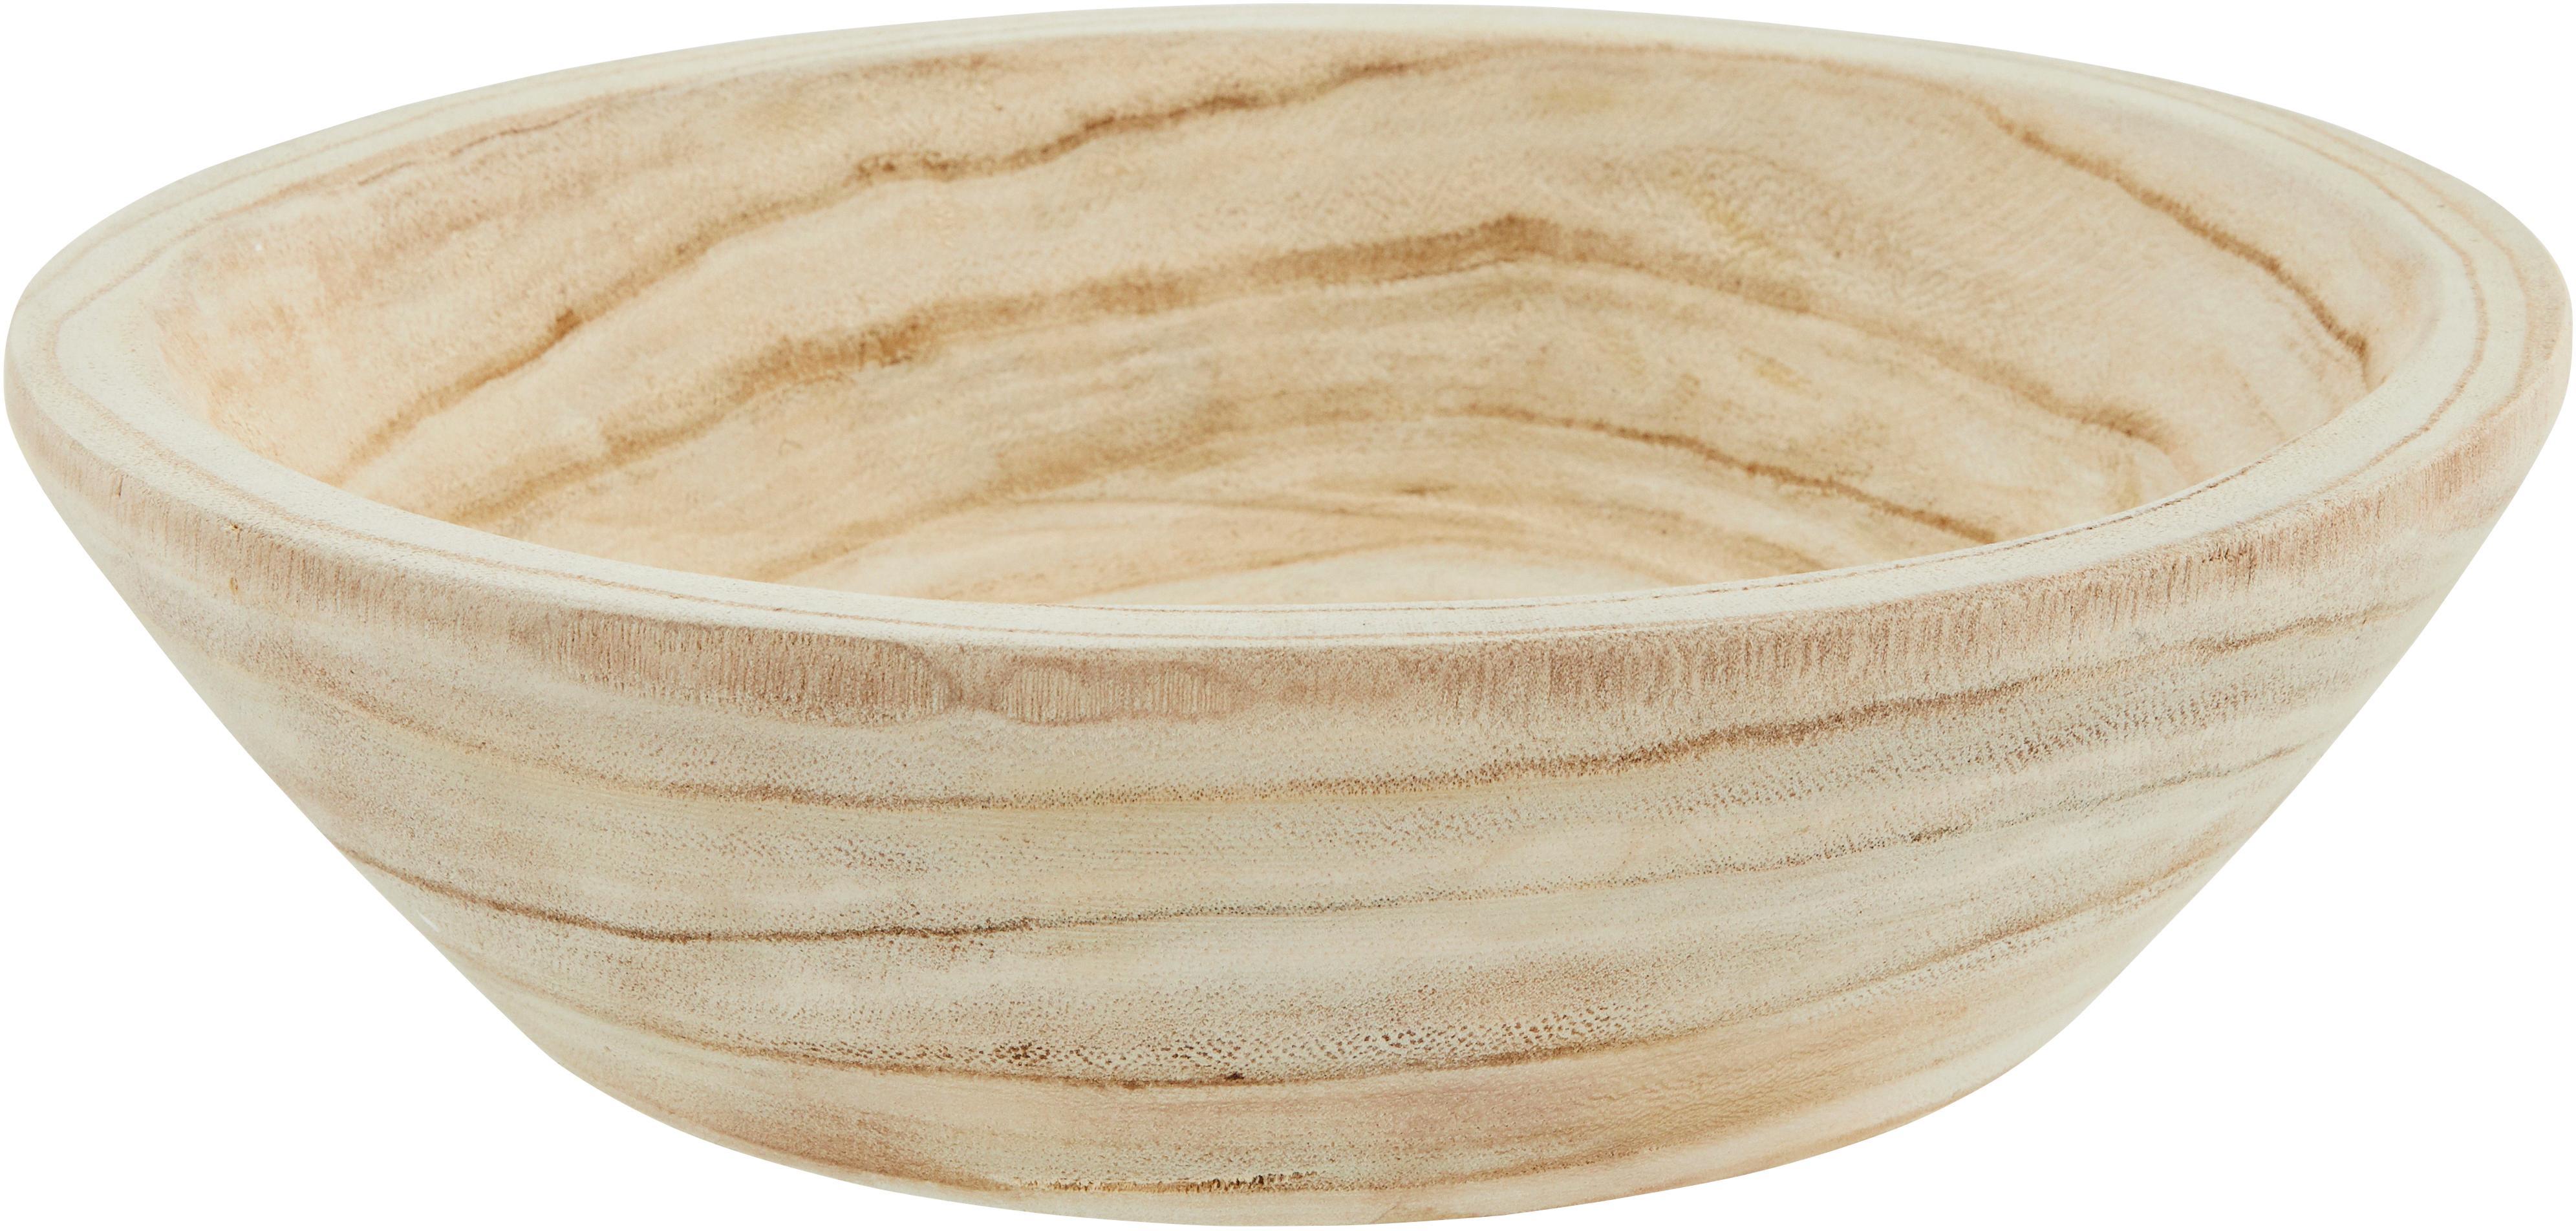 Ciotola in legno di paulownia Sandry, Legno di paulownia, oliato, Legno di Paulownia, Ø 29 x Alt. 8 cm